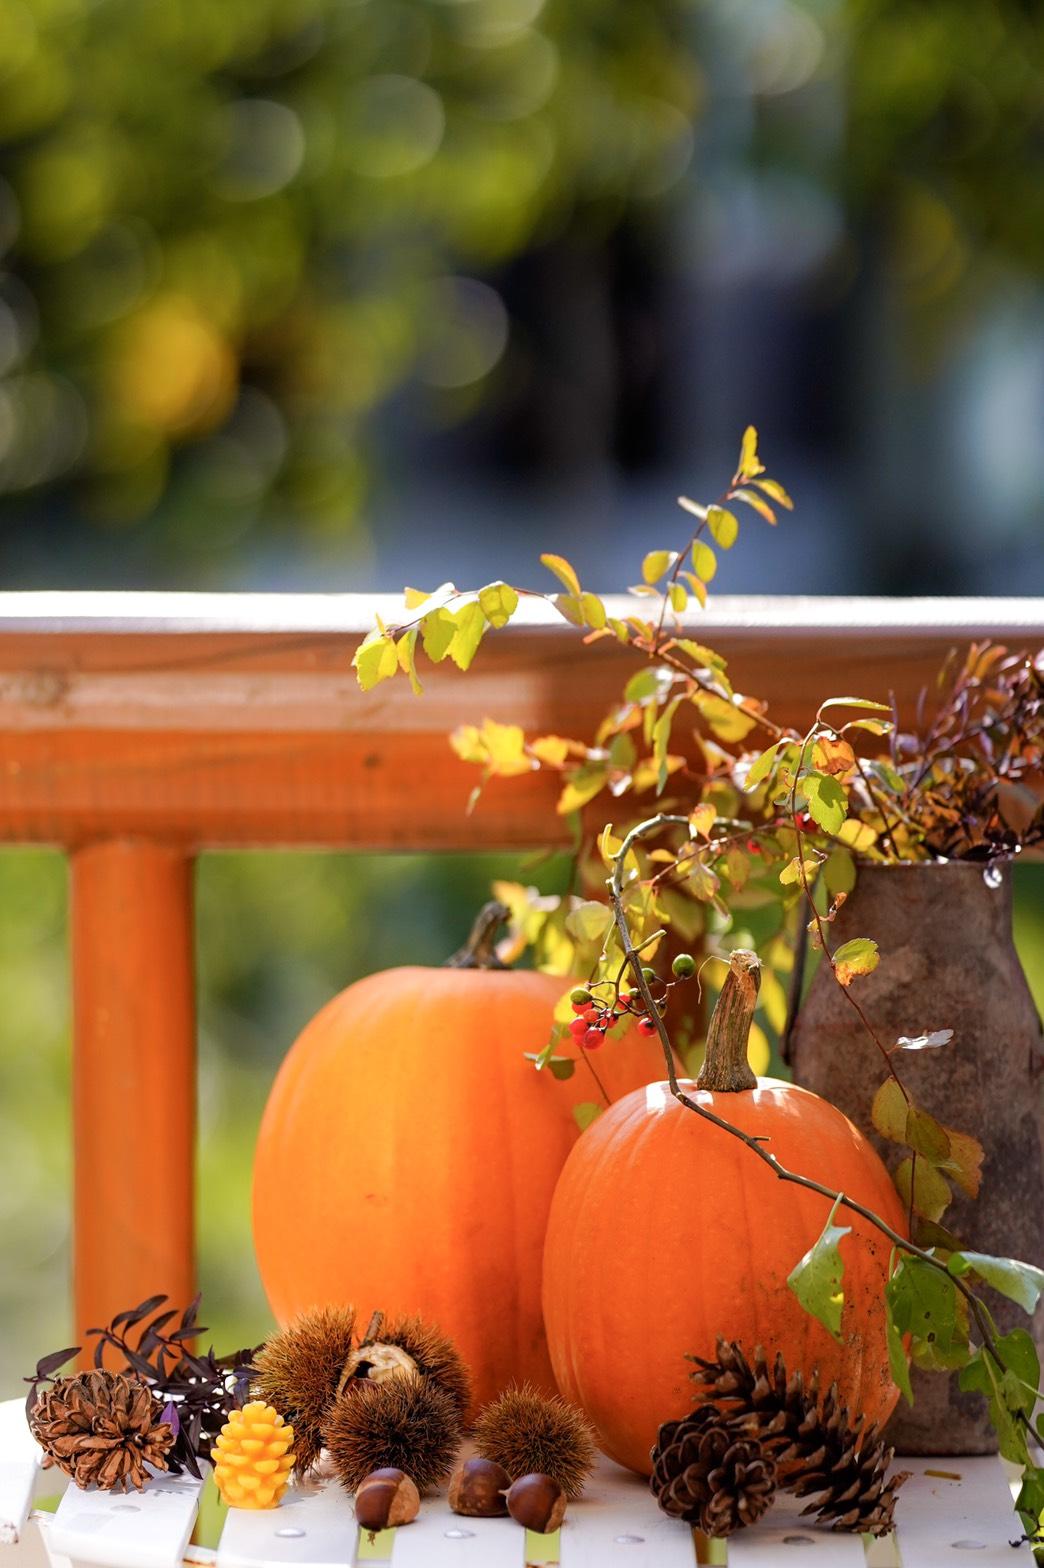 秋のかぼちゃ画像